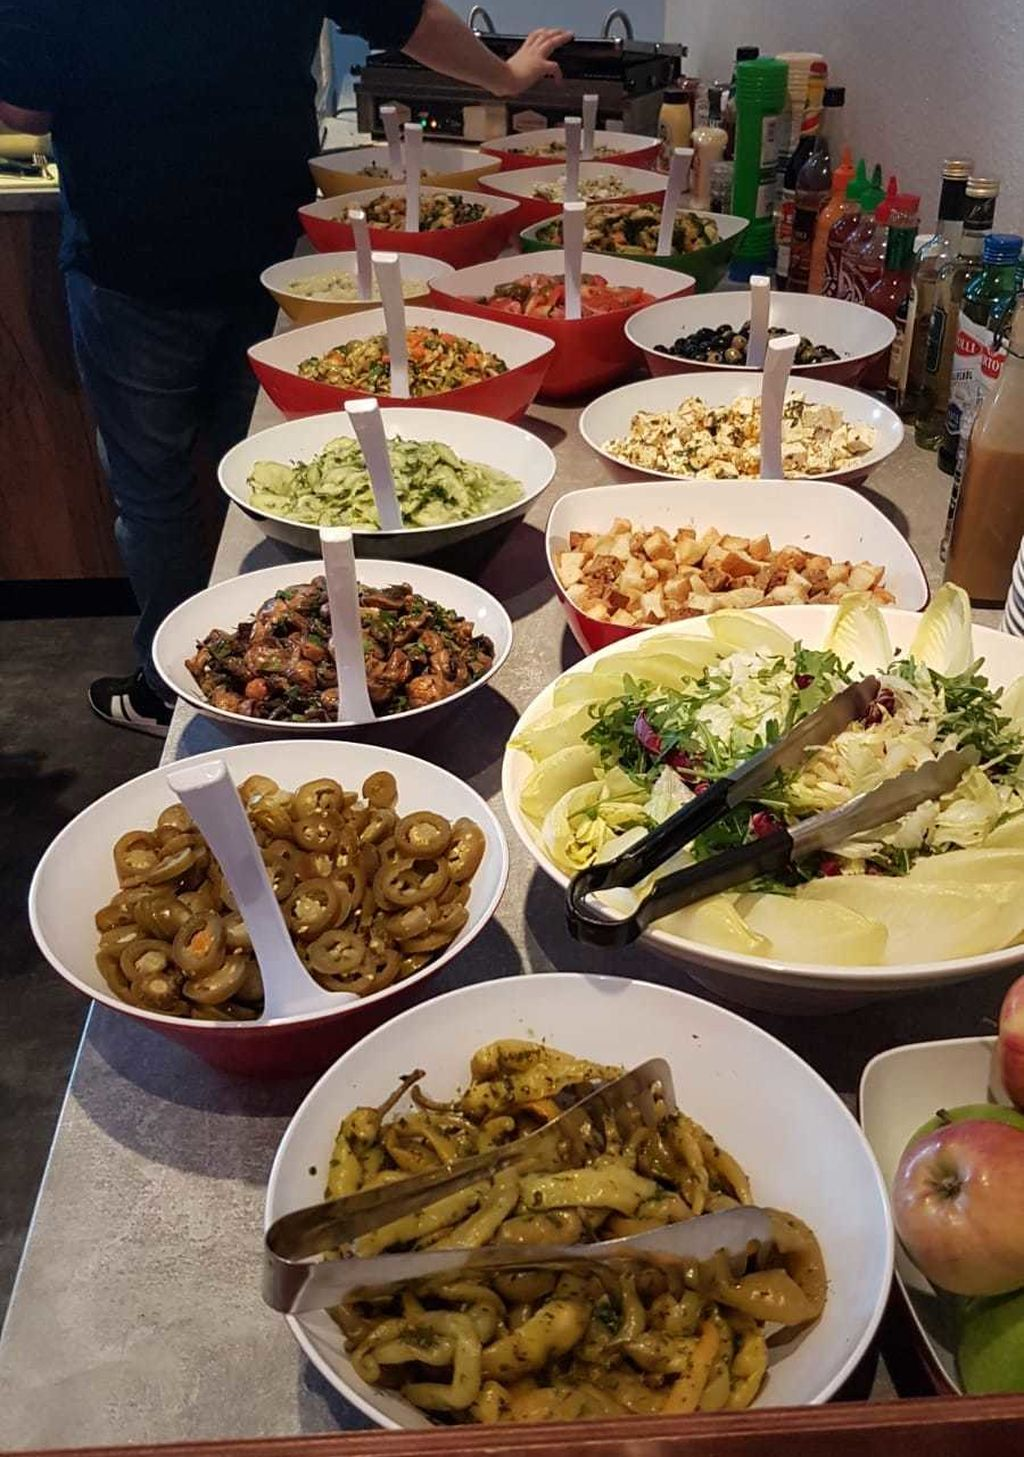 El menú lo prepara una empresa de catering pensando en ofrecer comida variada y saludable